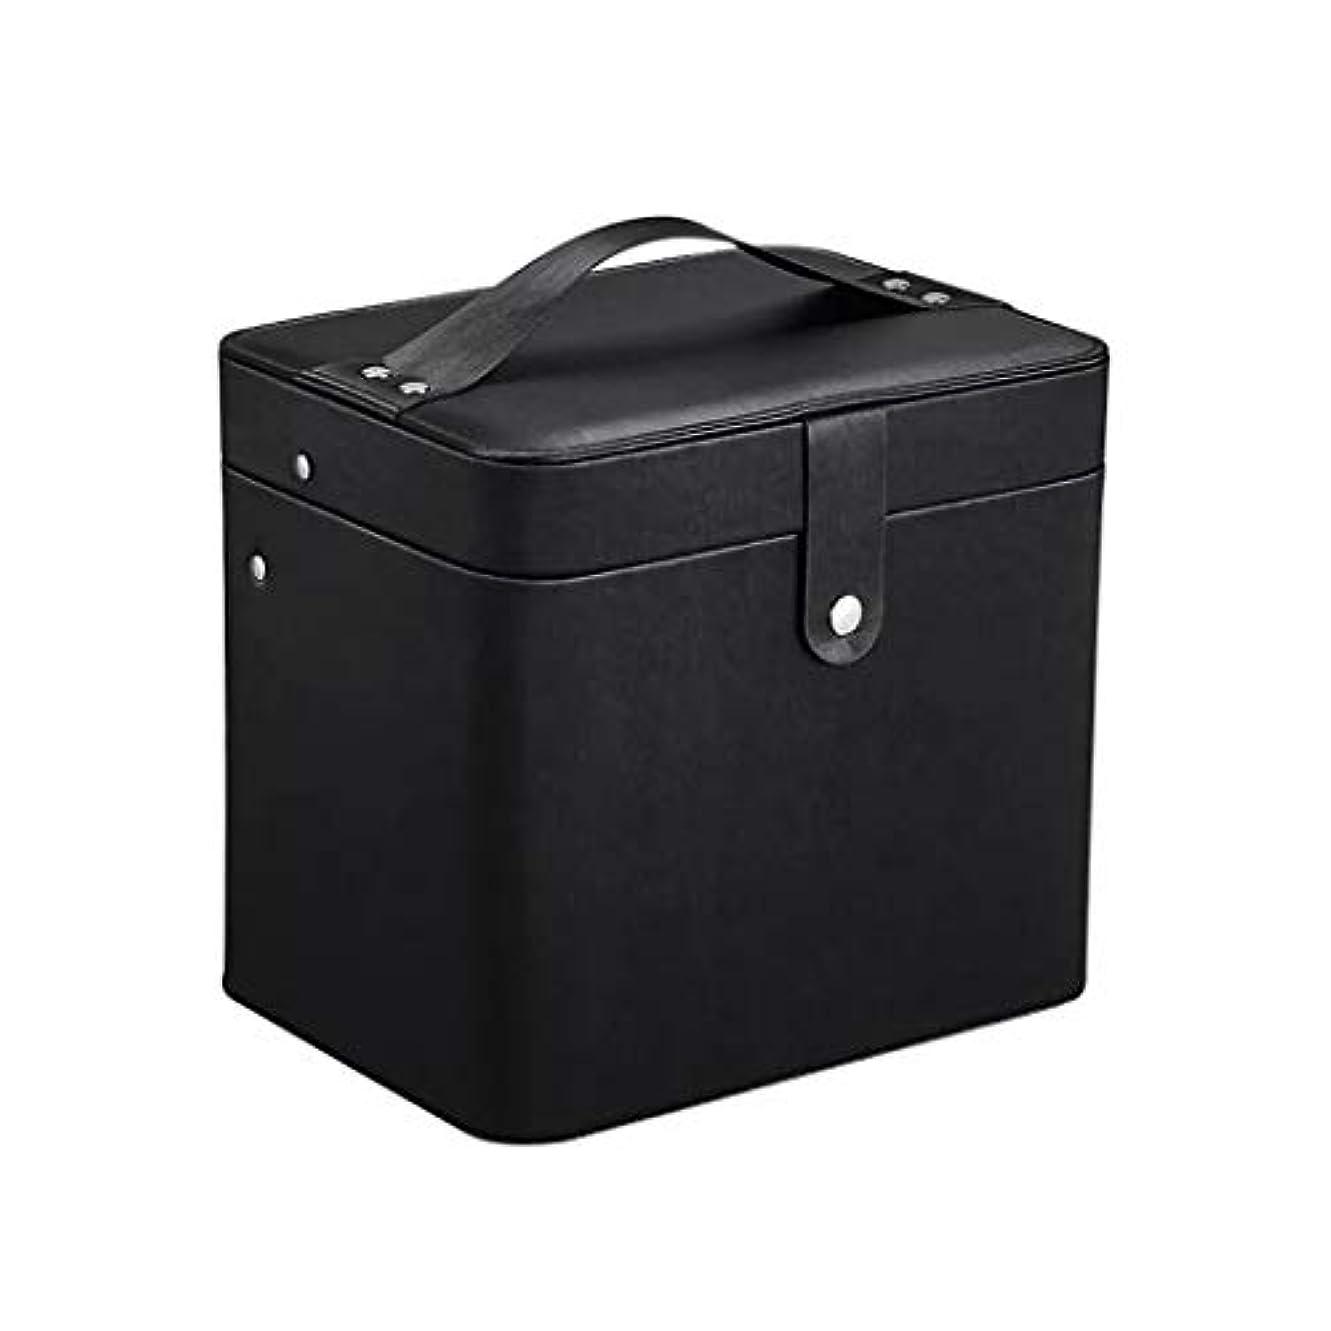 雹祈る救出SZTulip コスメボックス メイクボックス 大容量収納ケース メイクブラシ化粧道具 小物入れ 鏡付き 化粧品収納ボックス (ブラック)